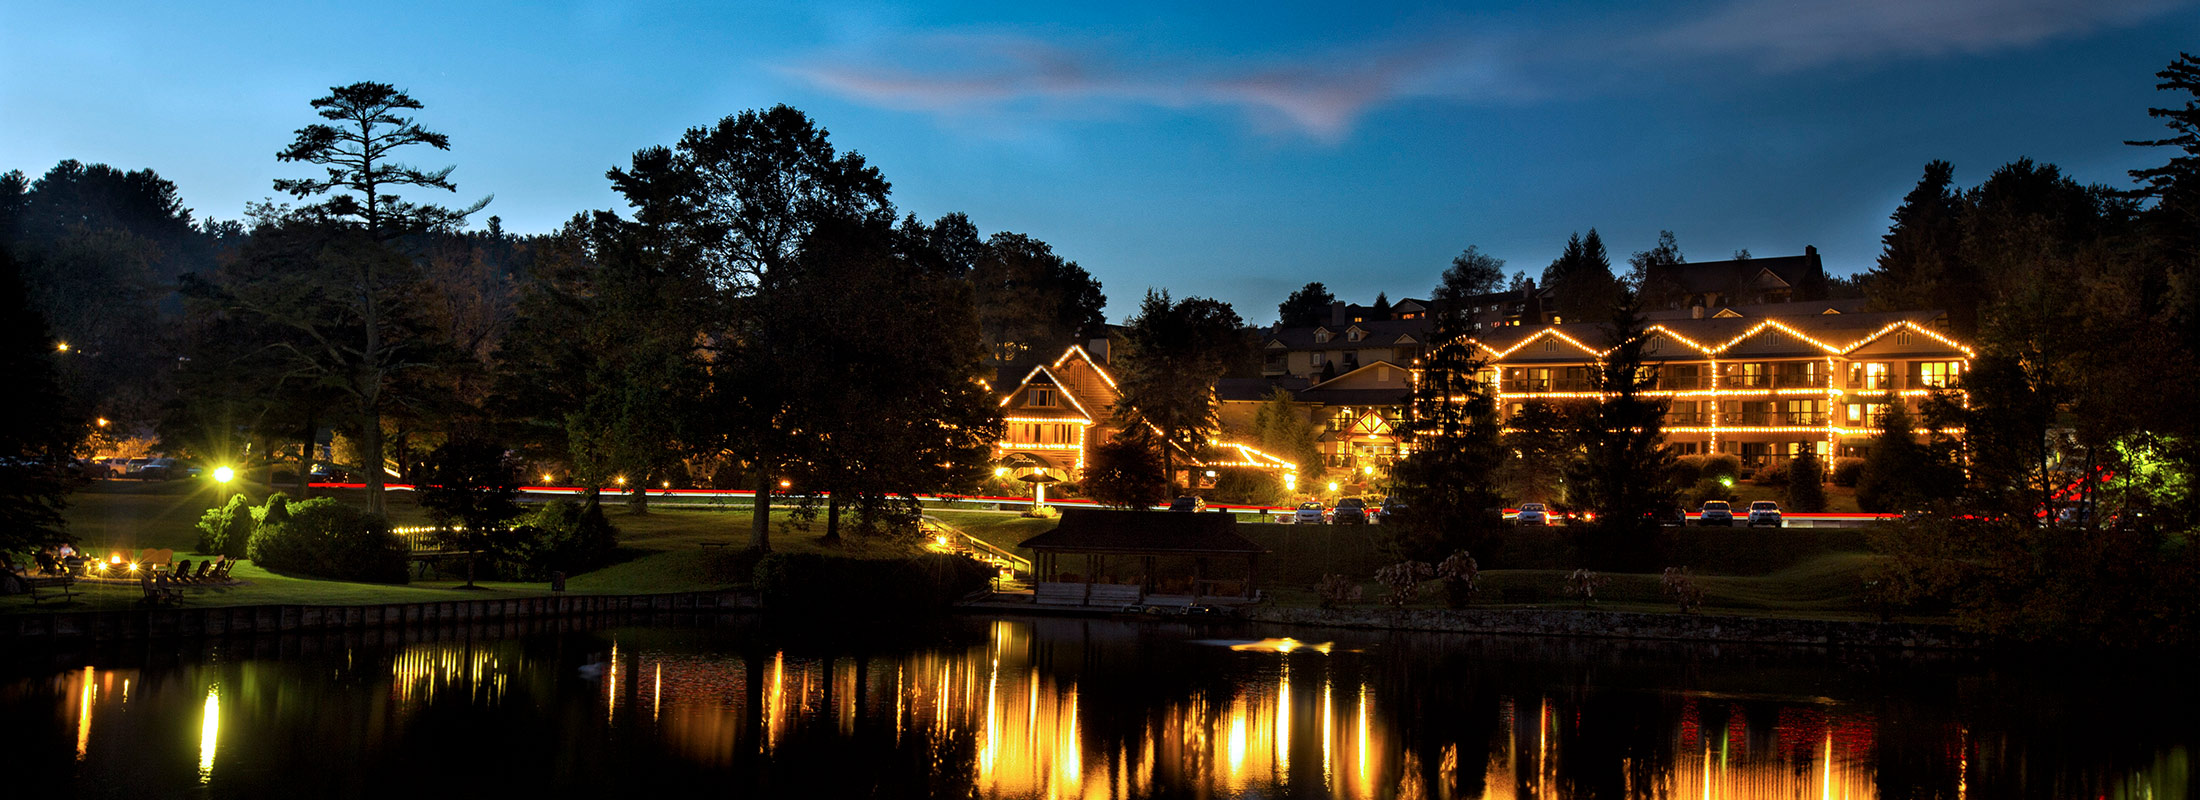 Lake-and-Lodge-at-Night_Brighter.jpg